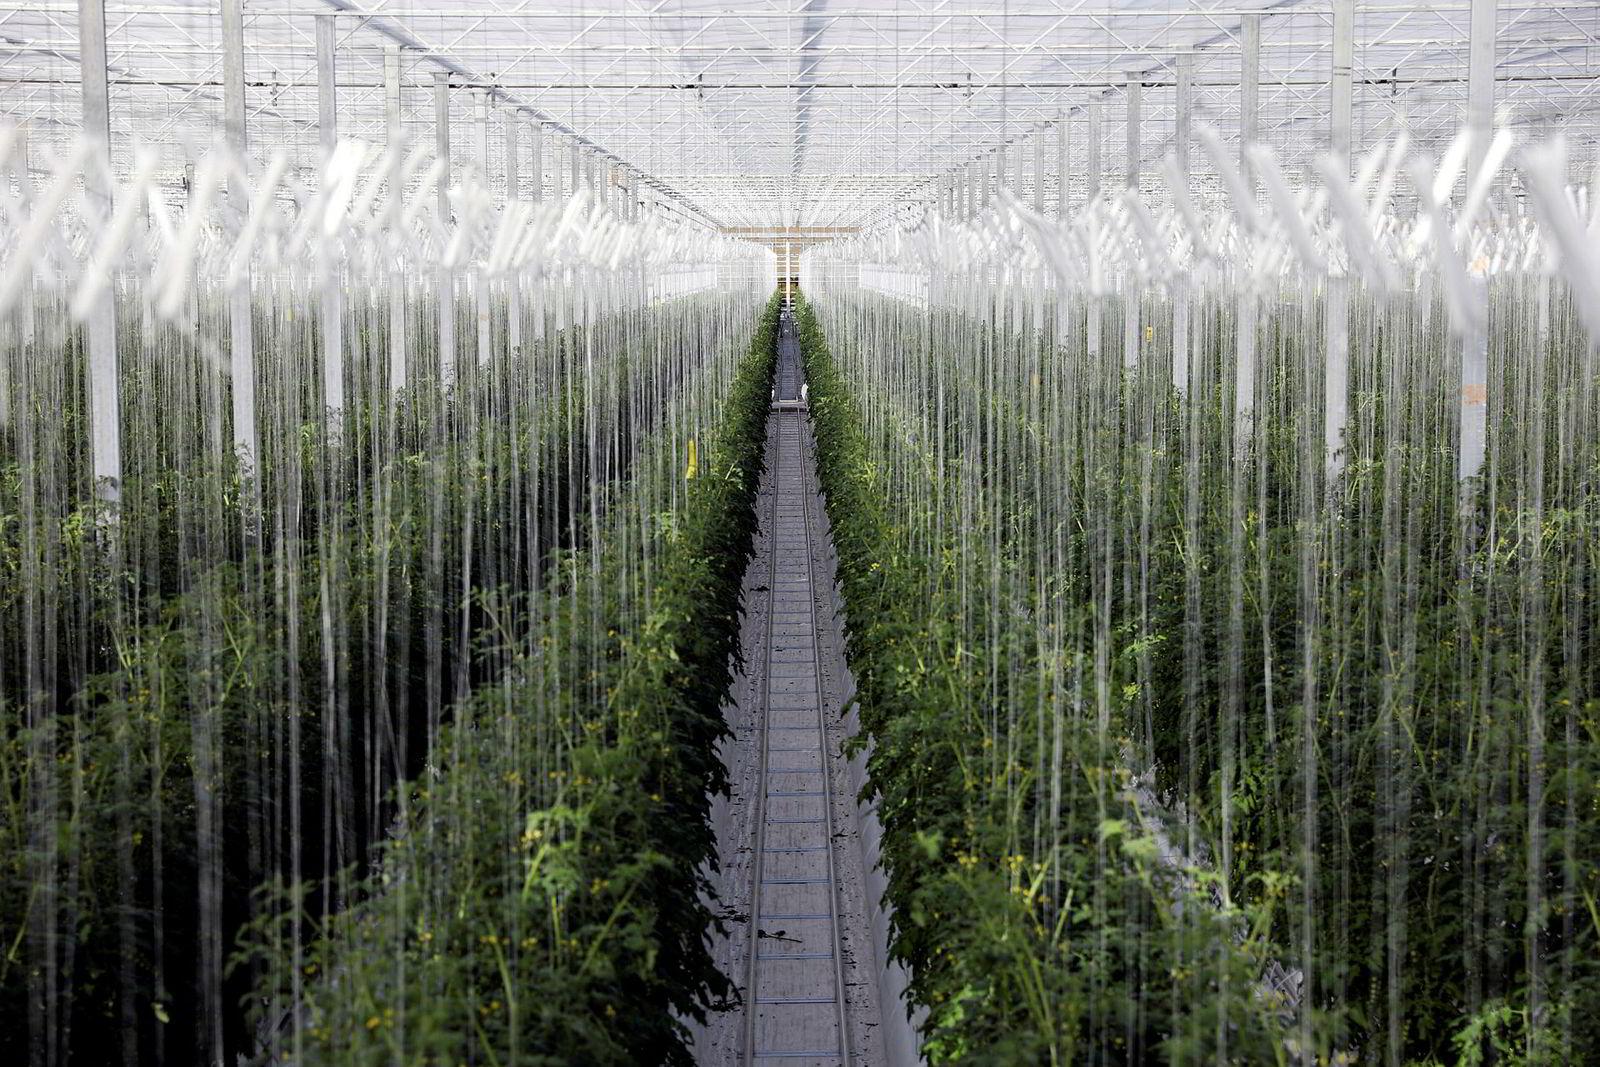 Matproduksjonen blir mer og mer industrialisert. I mars kom våren til England, men variasjoner i vær og årstider gjør nok ingen forskjell for disse tomatplantene i et drivhus hos Sterling Suffolk Ltd.